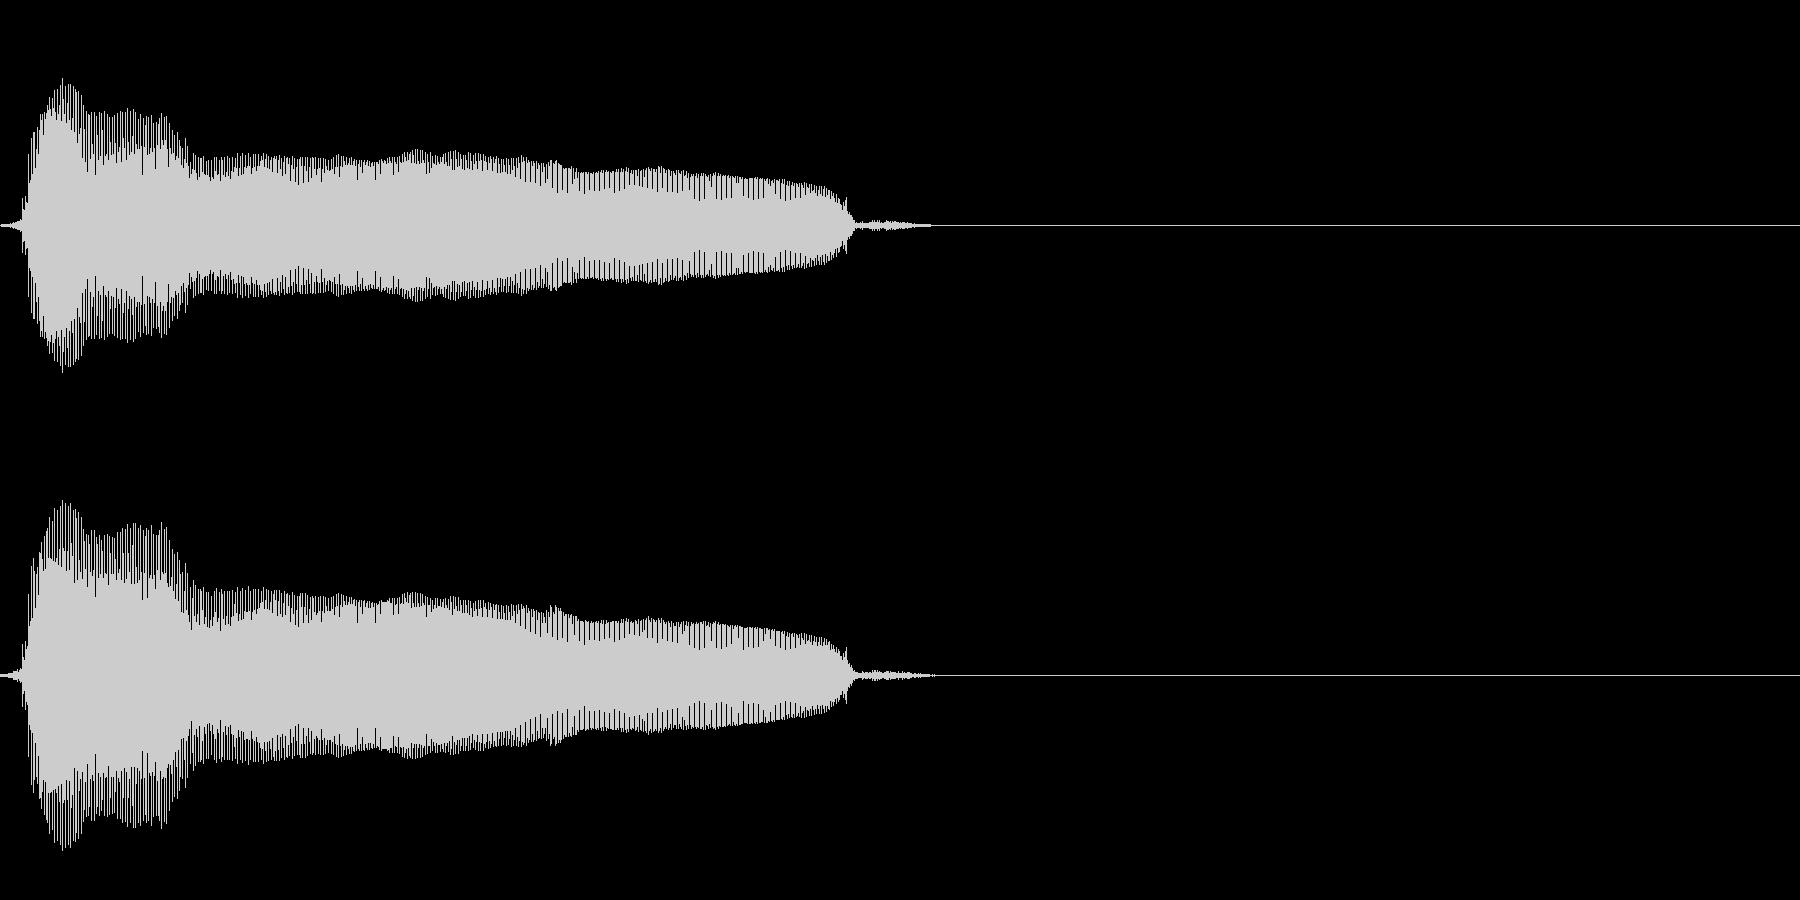 猫の鳴き声(比較的癖のない声)の未再生の波形